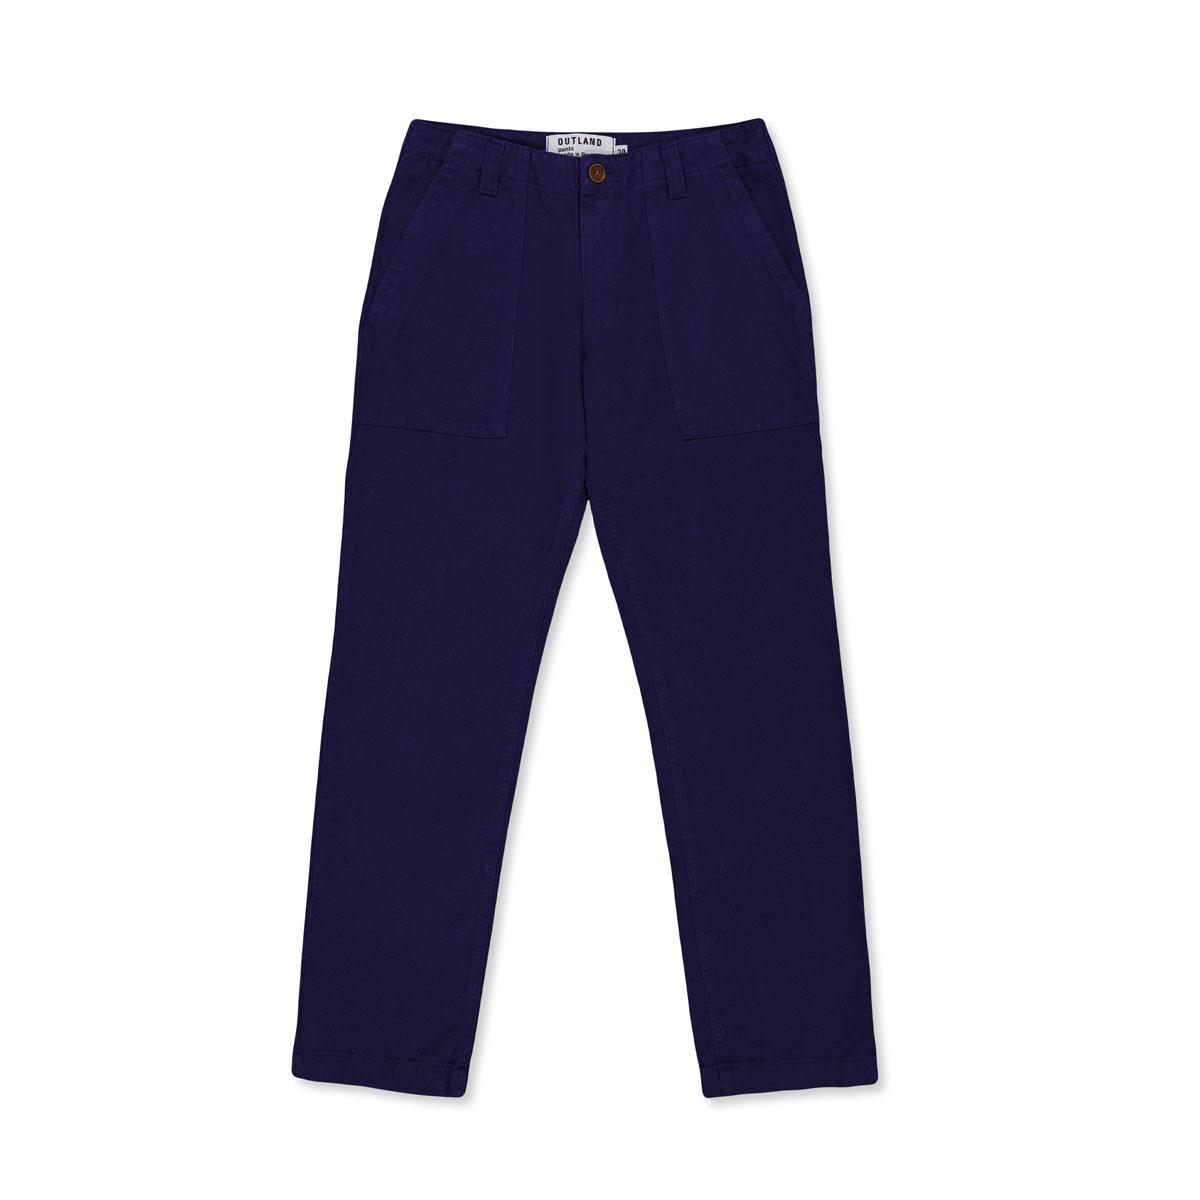 OUTLAND Pantalon FATIGUE Twill Indigo